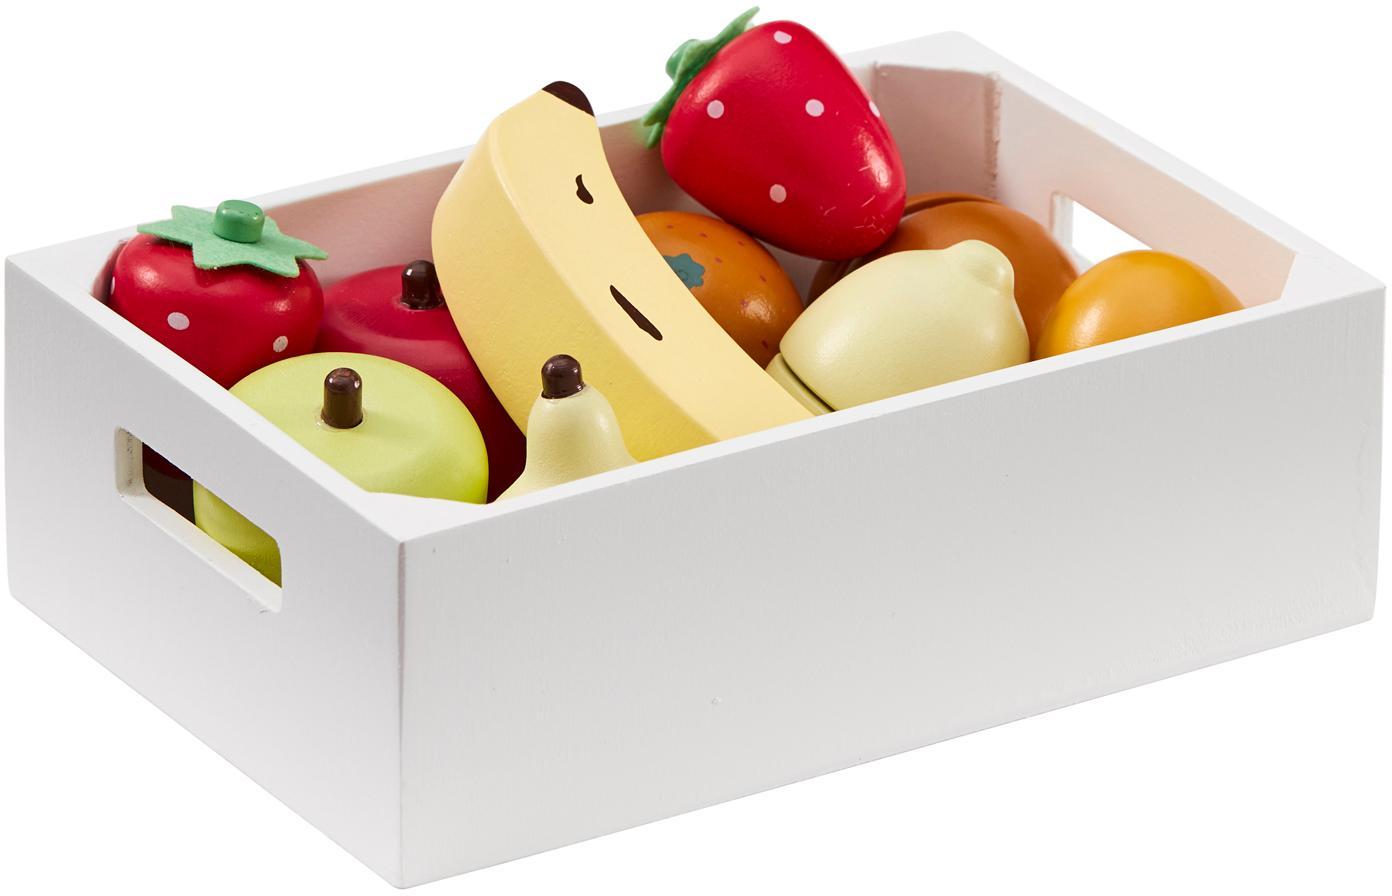 Spielzeug-Set Box of Fruits, Holz, Mehrfarbig, Sondergrößen